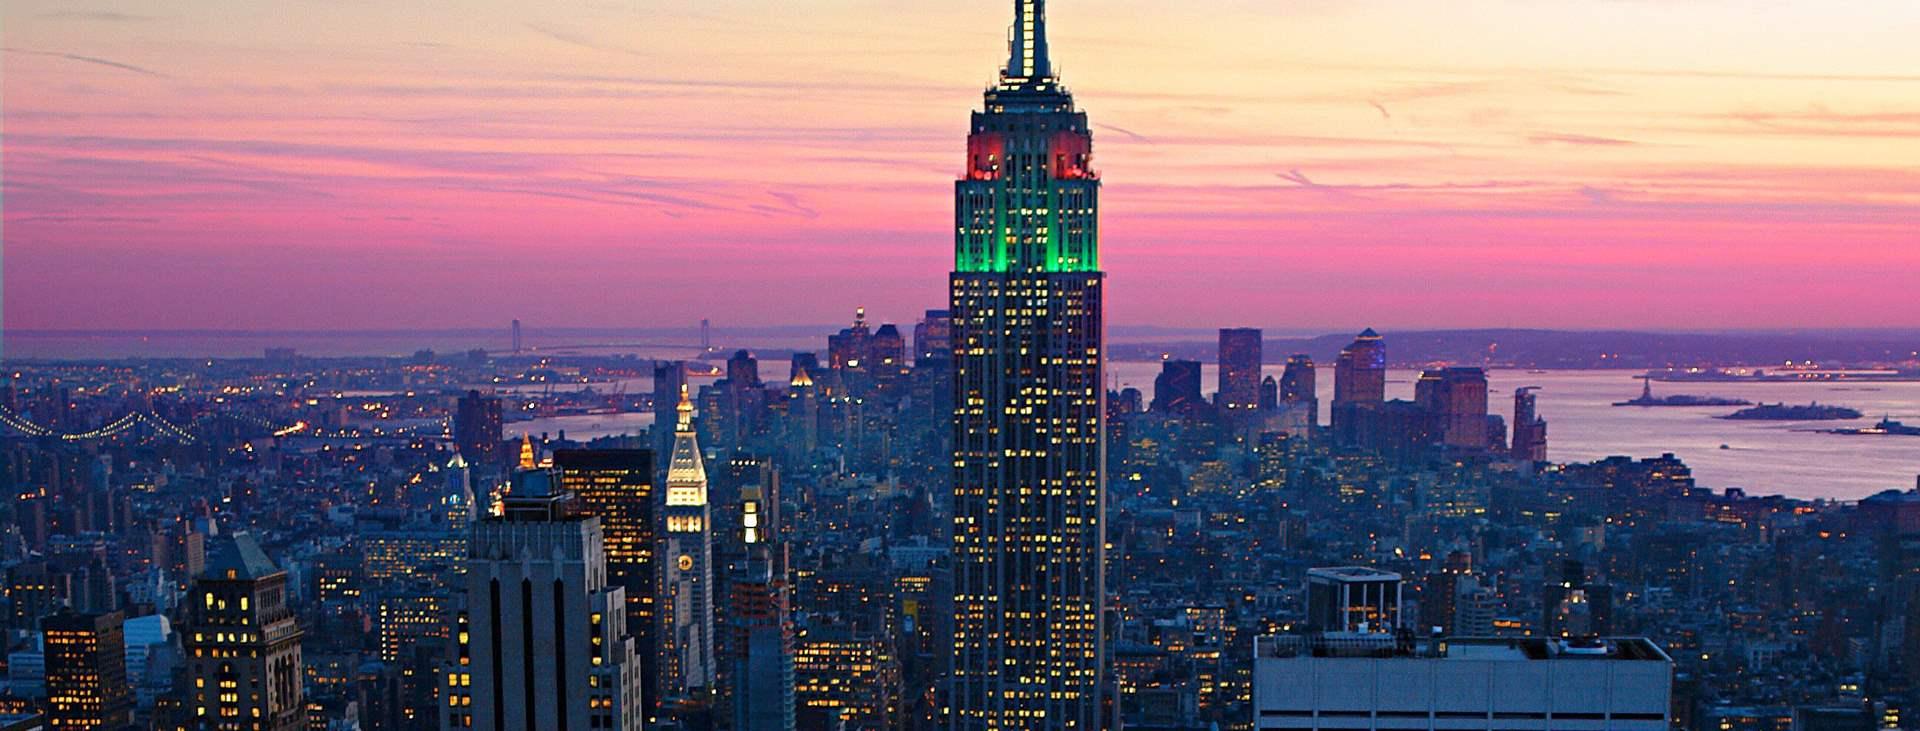 Boka en resa till New York i USA med Ving